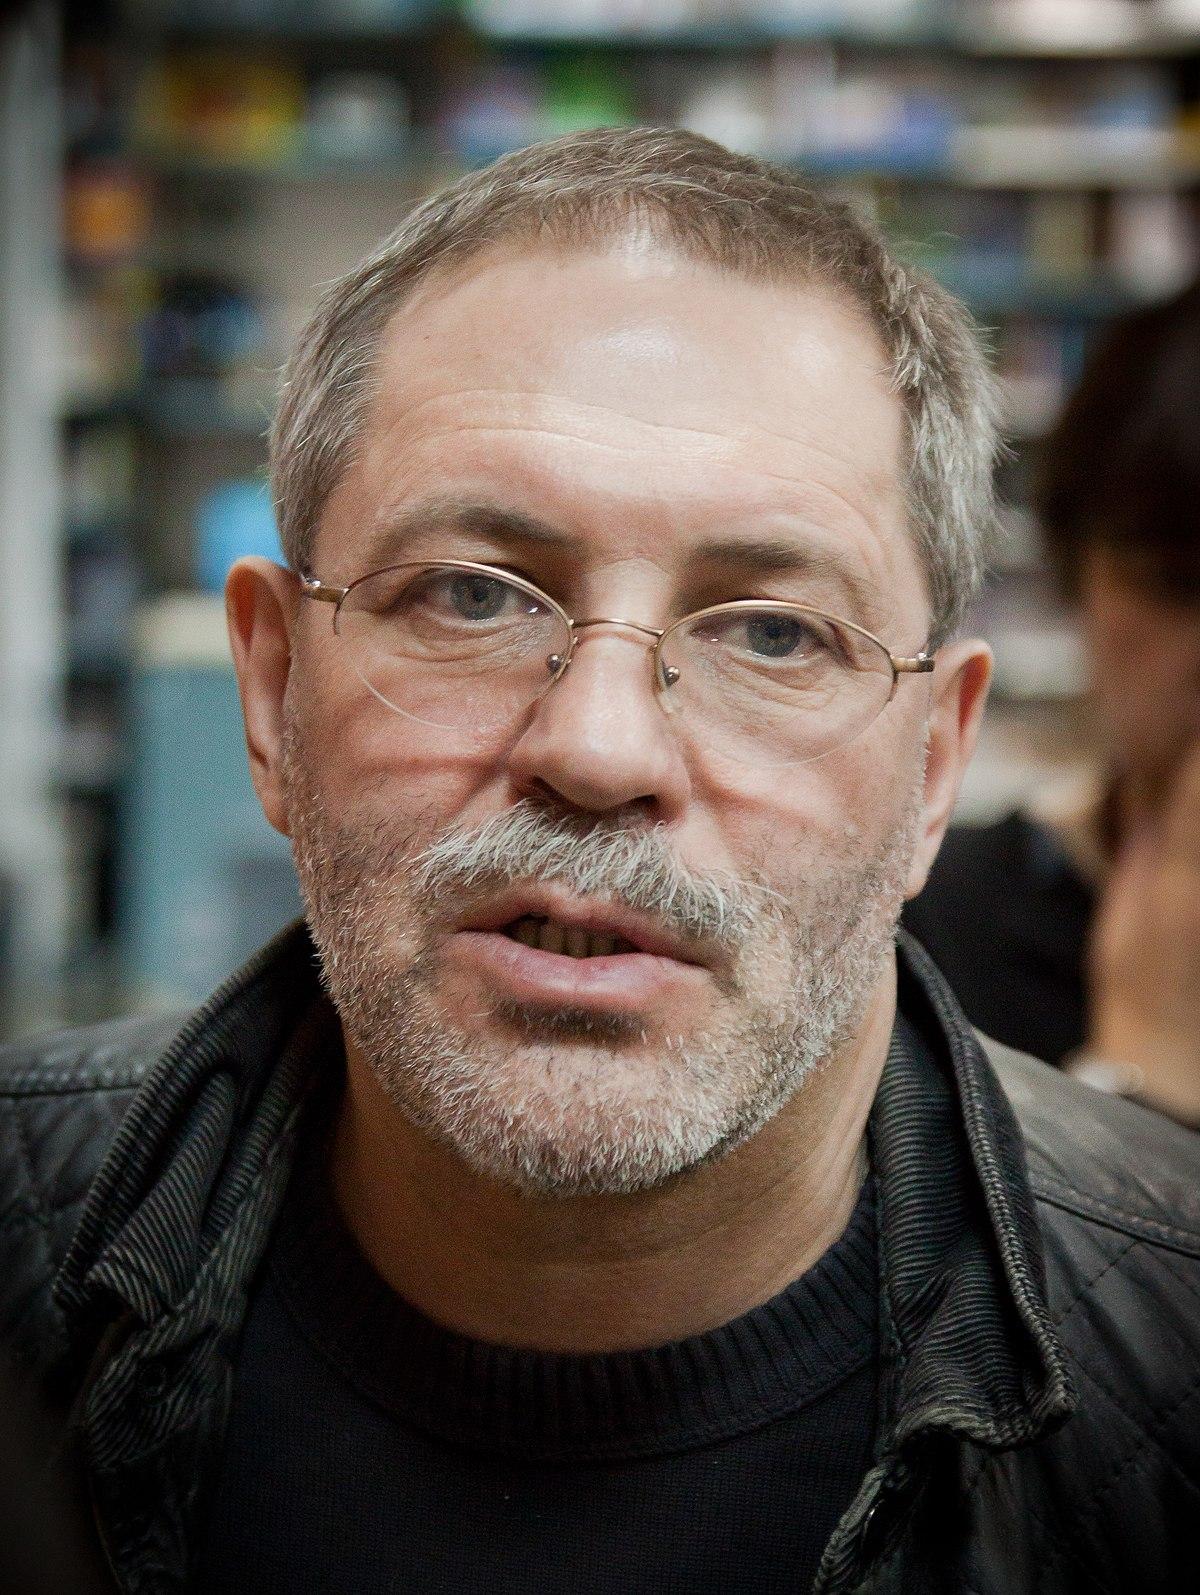 Леонтьев, Михаил Владимирович — Википедия